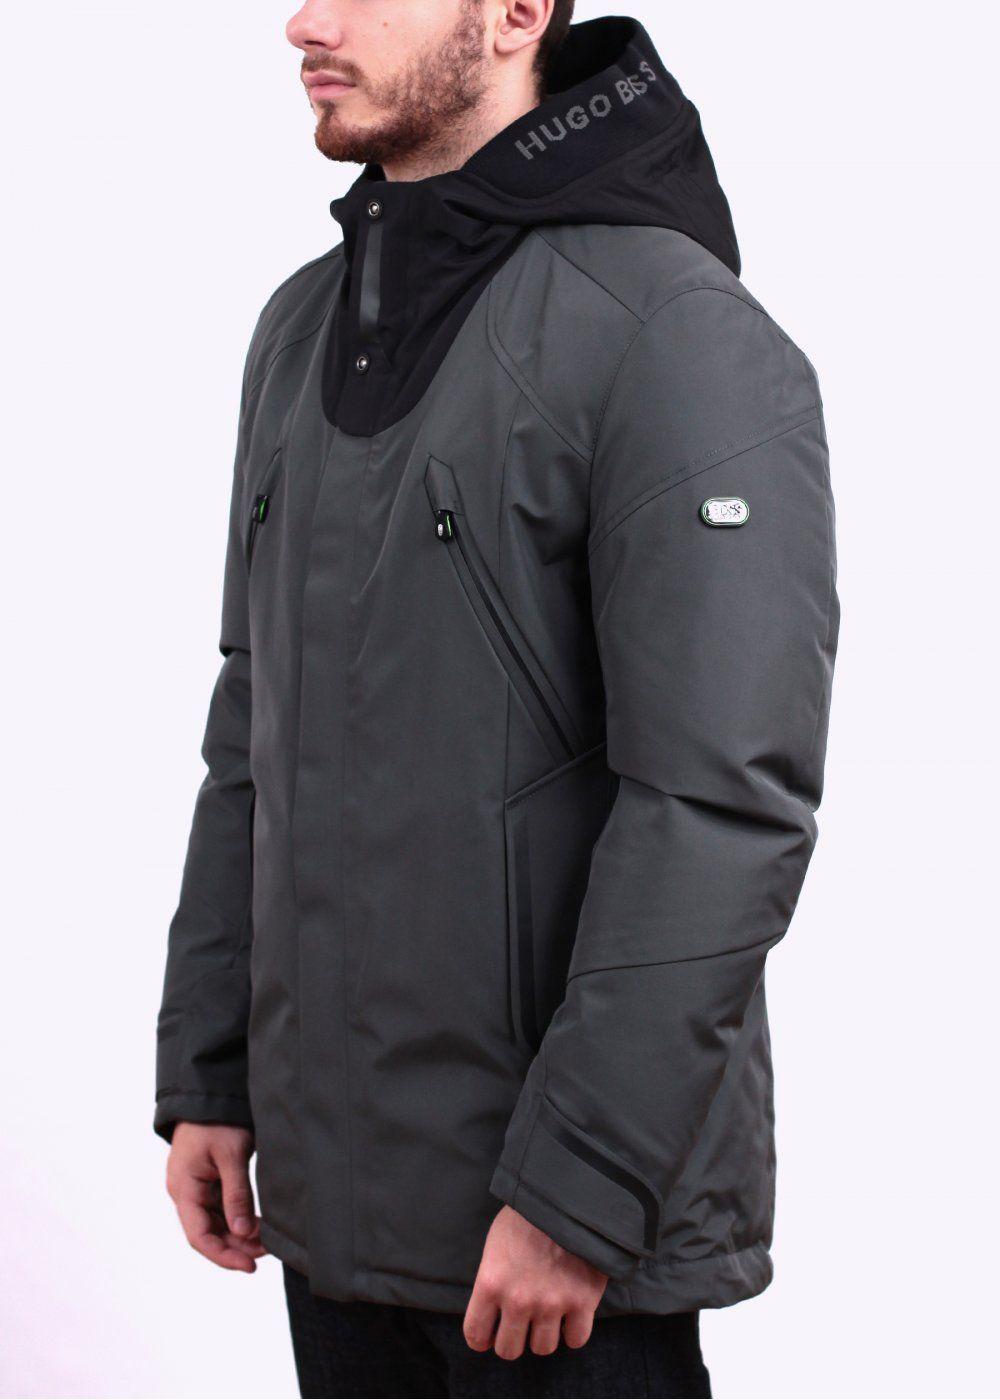 Boss Winter Jackets Fashionable Boss Jackets For Men Hugo Boss Jenato Jacket Dark Grey Outerwear Details Winter Jackets Jackets [ 1400 x 1000 Pixel ]